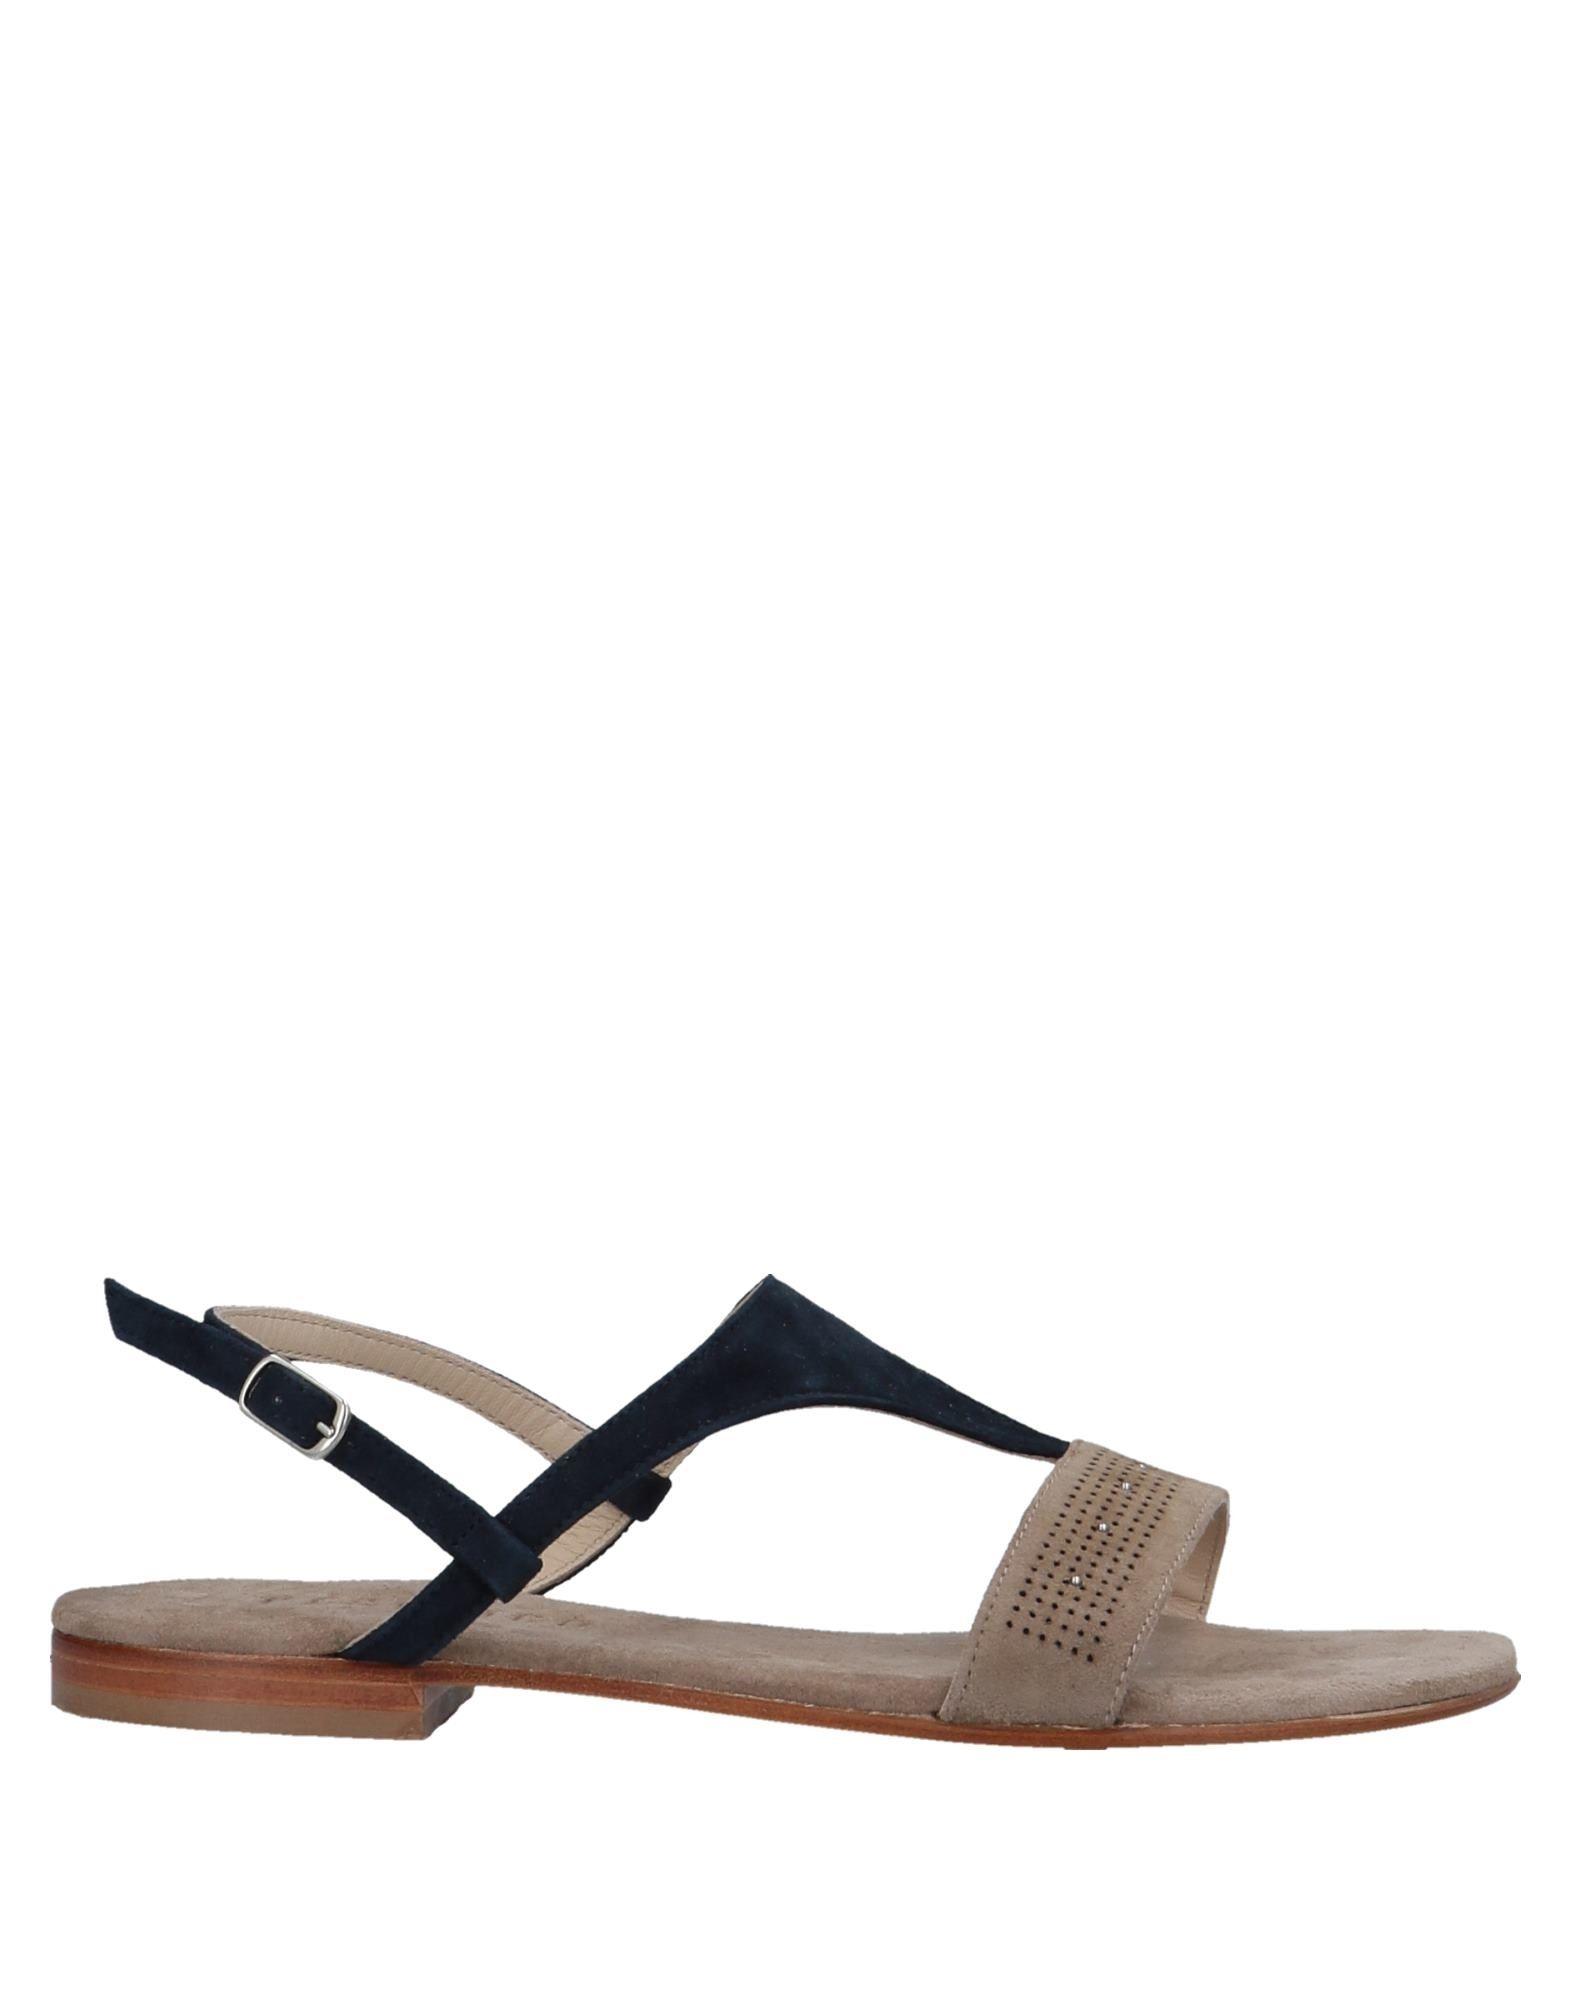 Moda Sandali Peserico Donna - 11540185LN